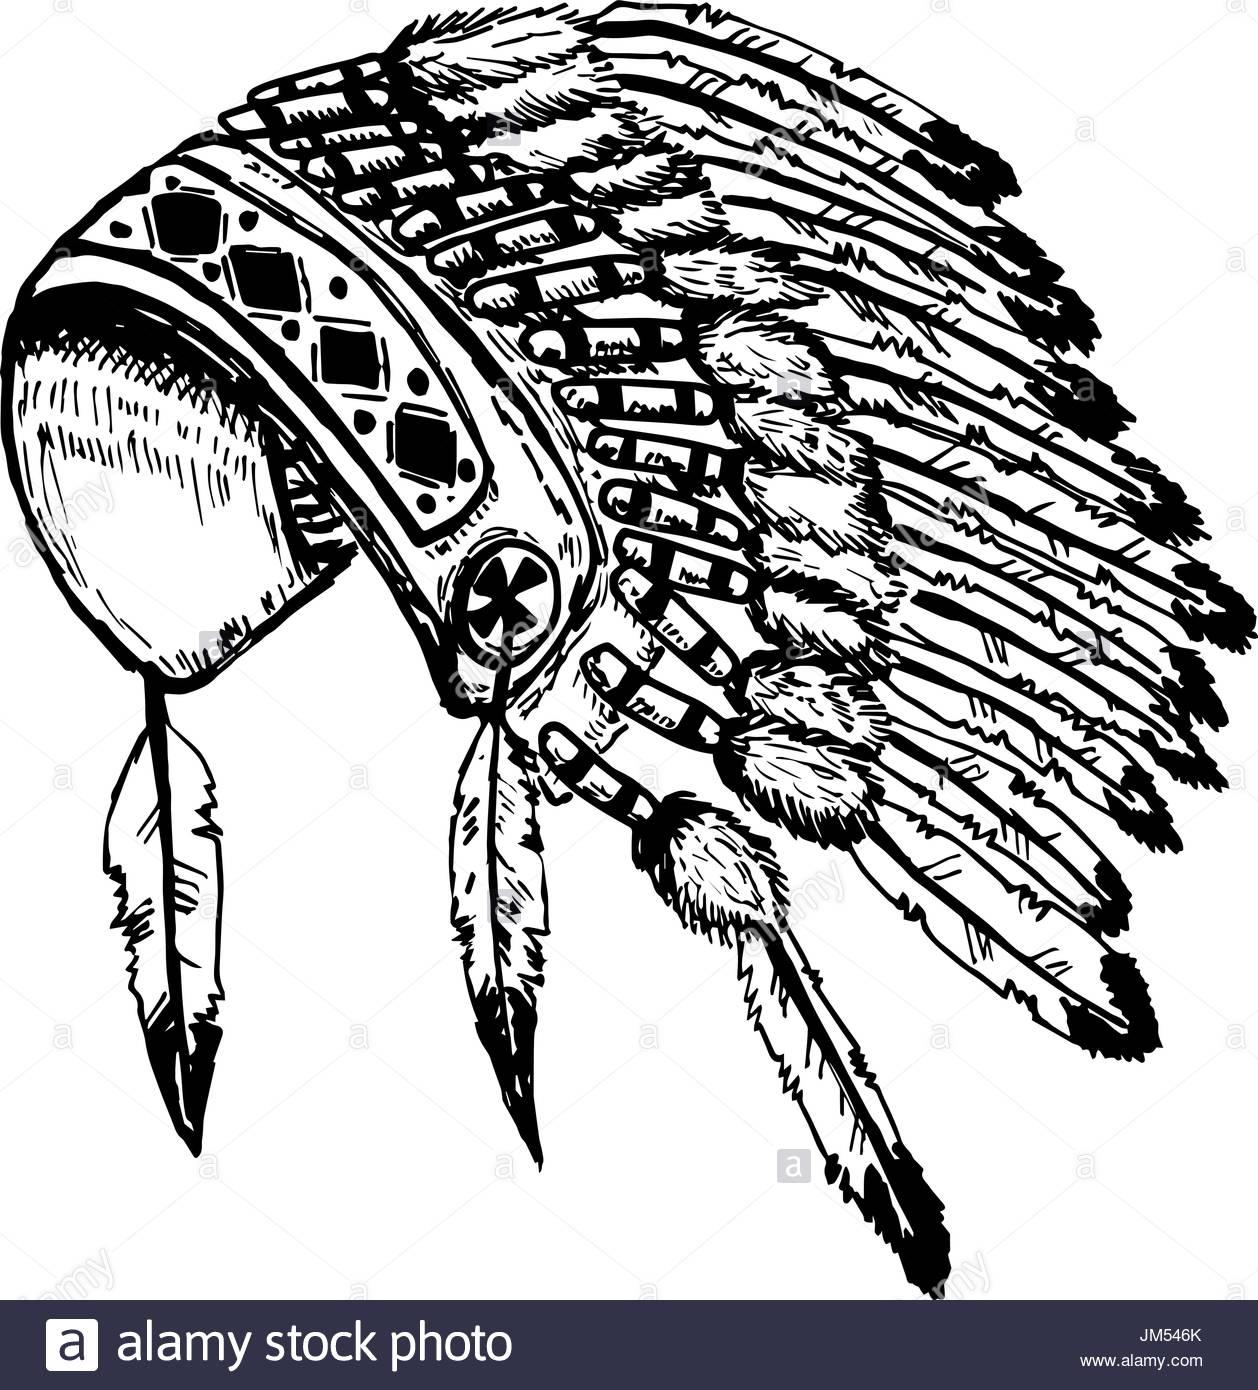 1258x1390 Mohawk Indian War Chief Stock Photos Amp Mohawk Indian War Chief